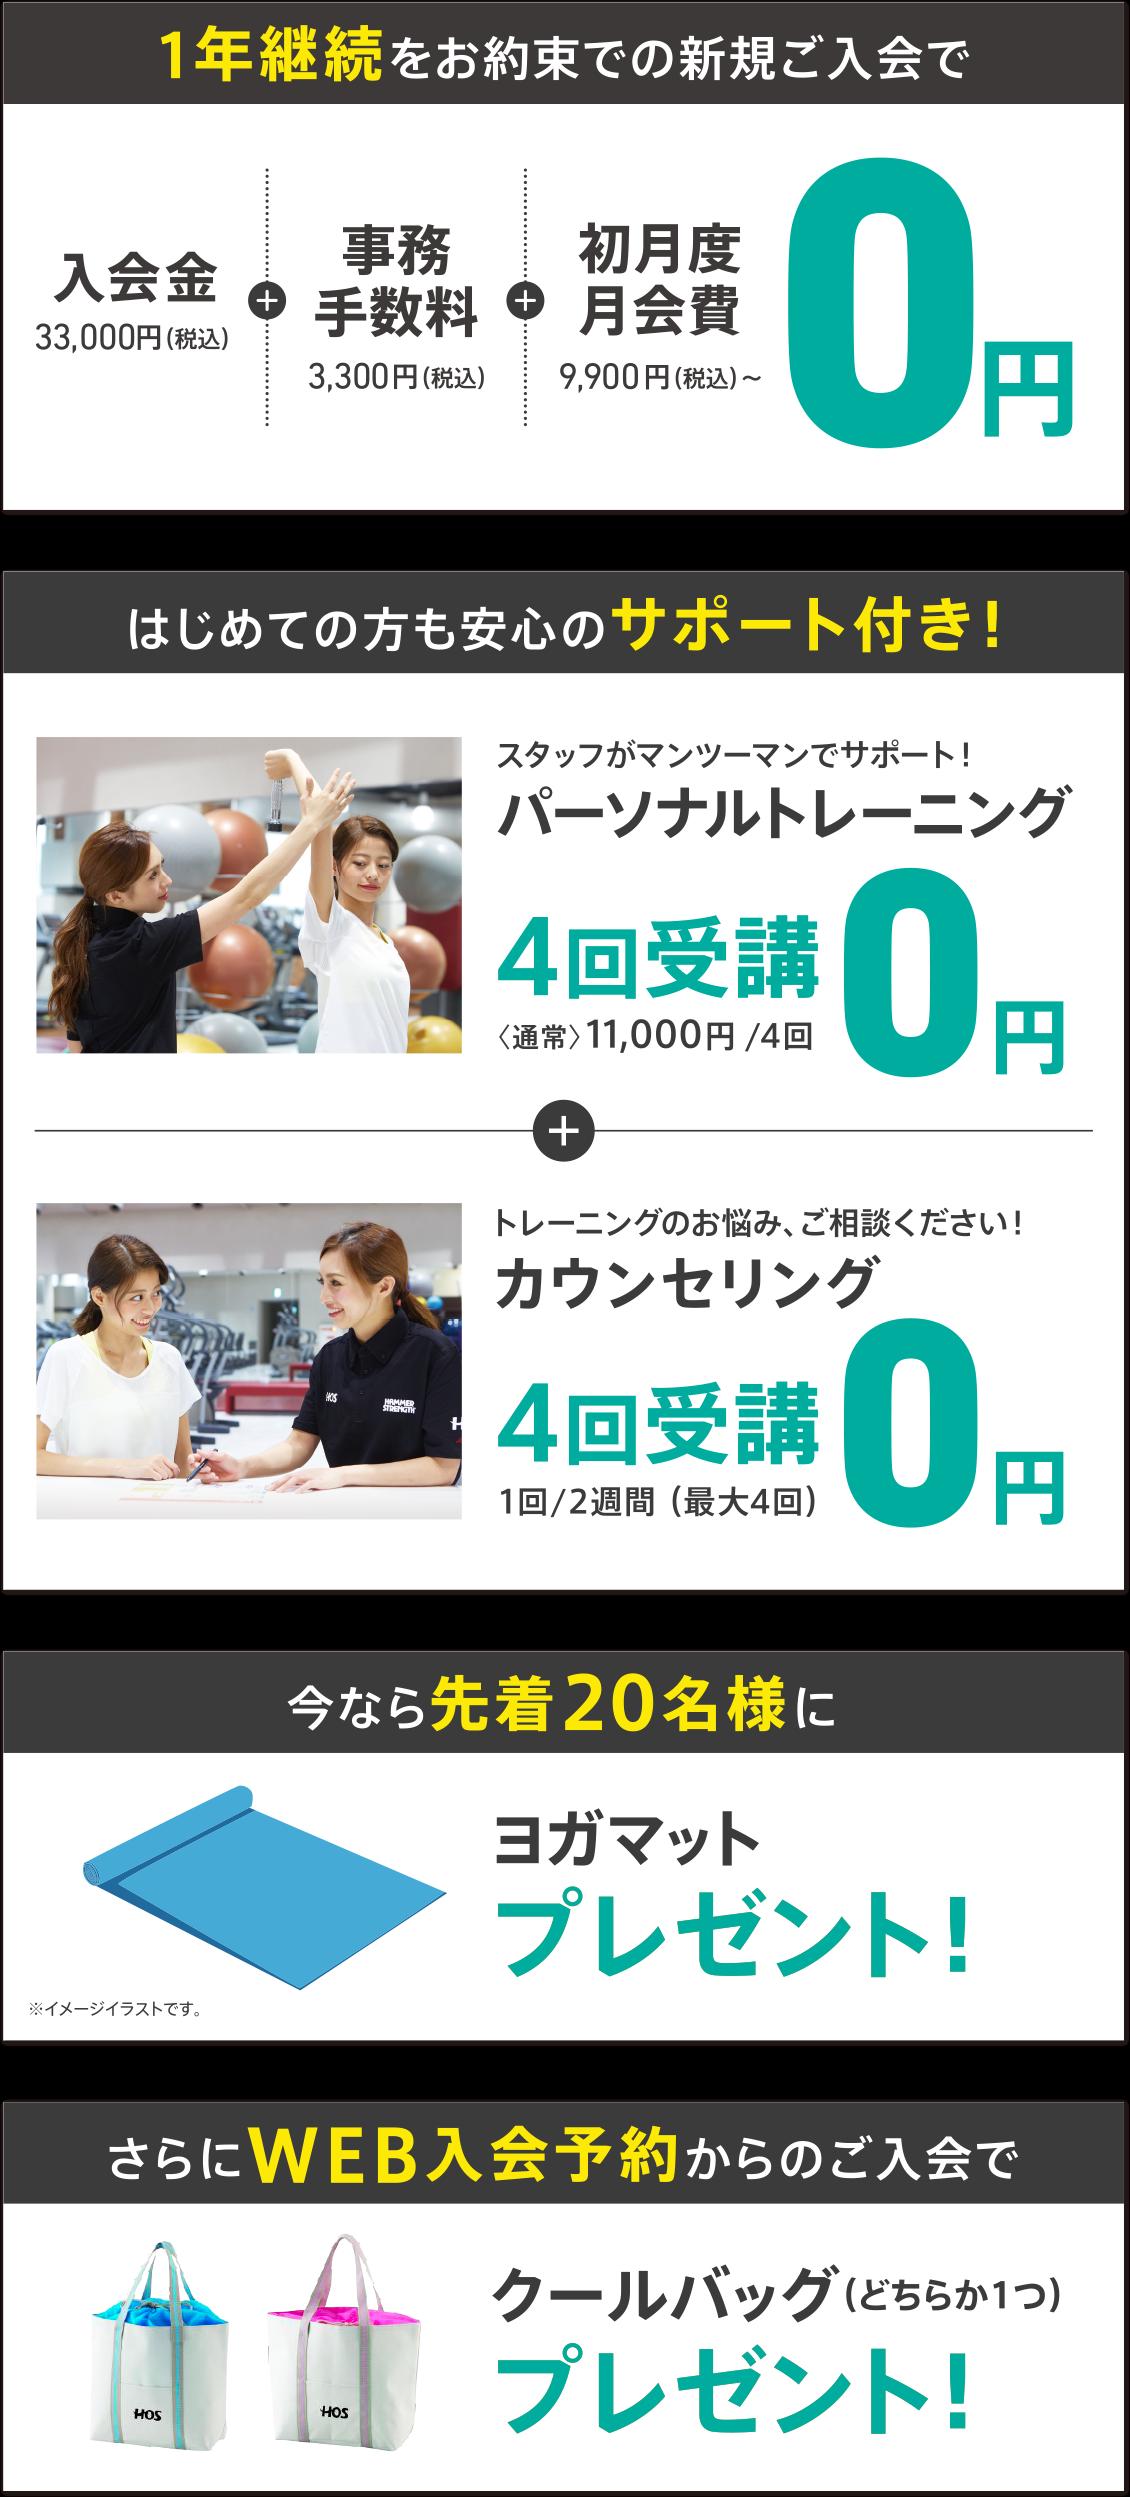 201912-campaign-02